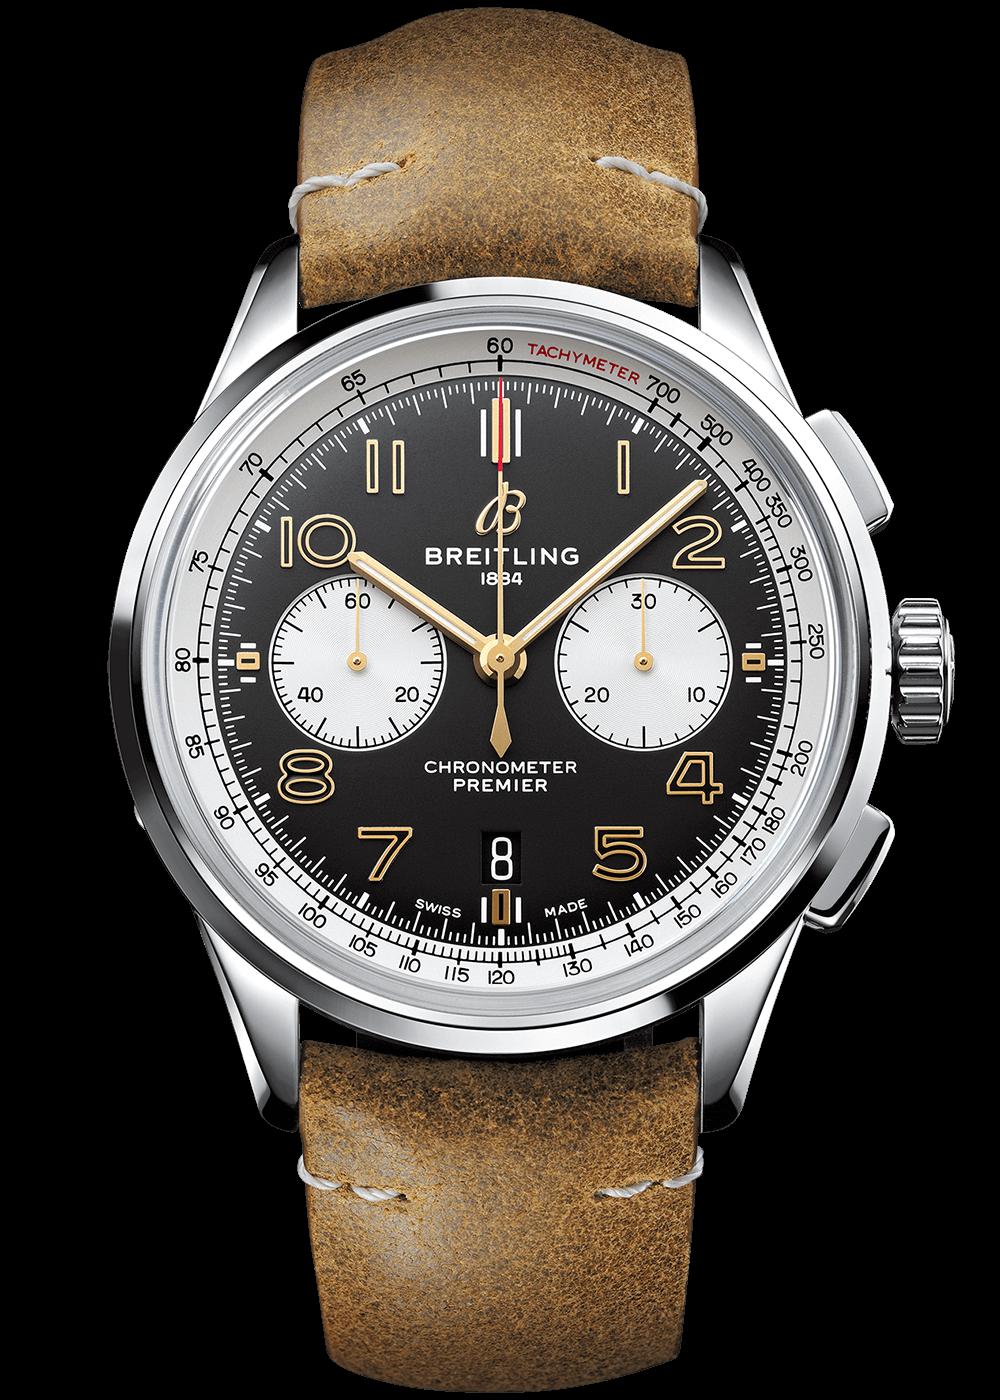 Breitling Prémier Chronograph Norton Edition Zurich